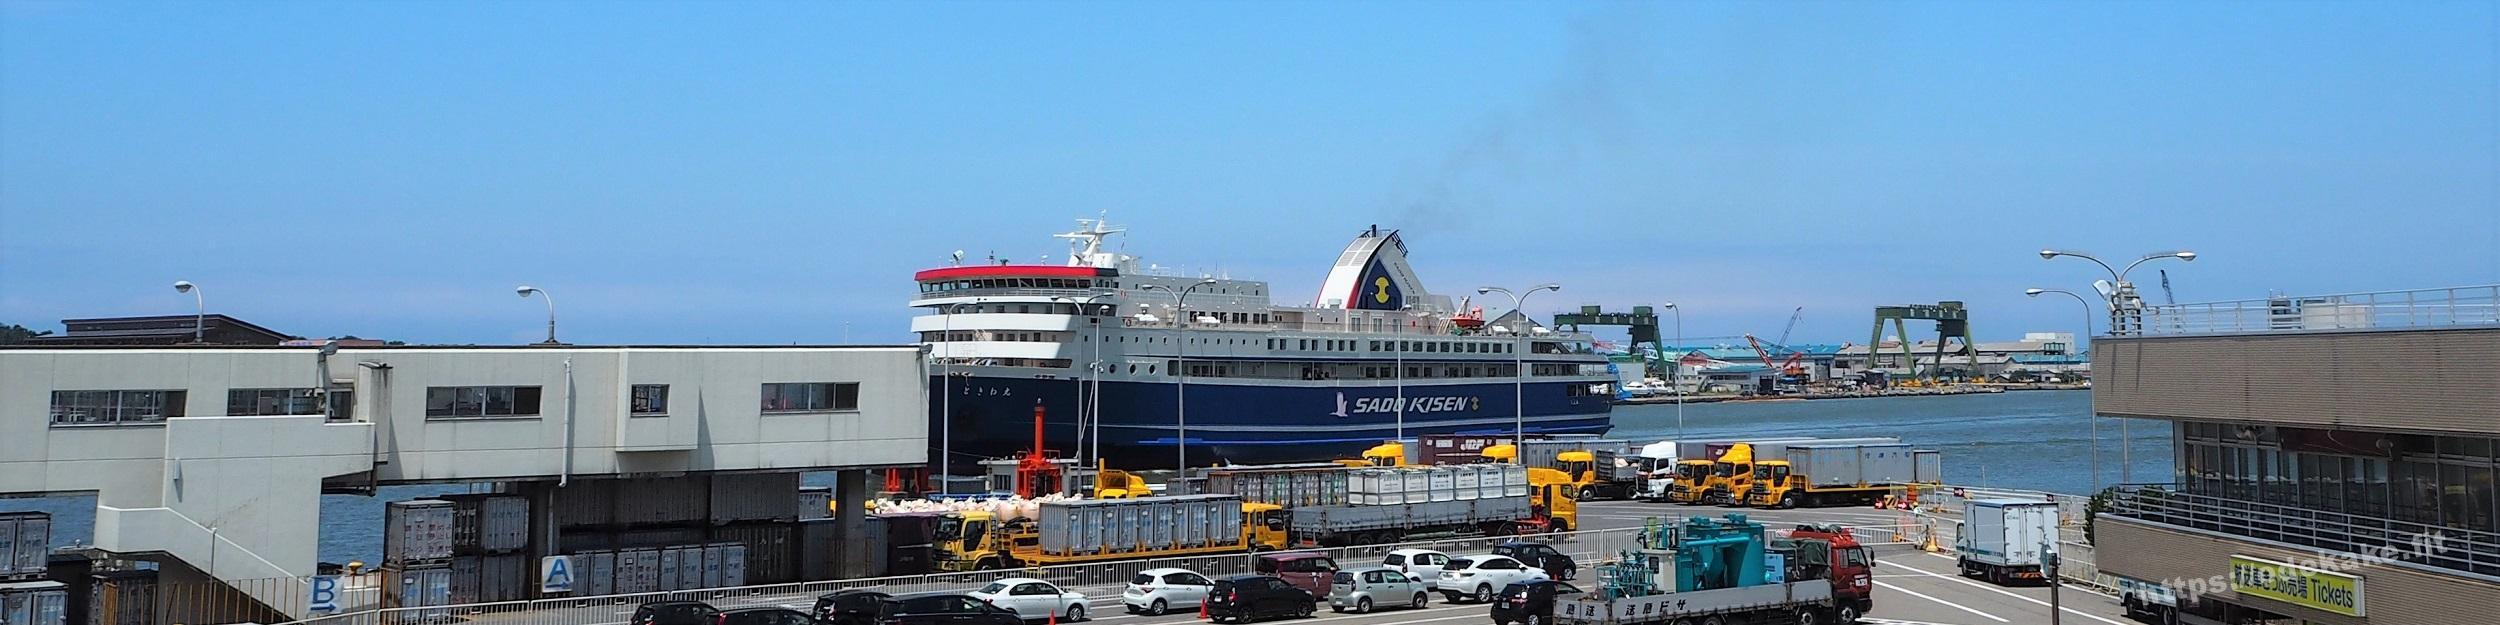 【新潟】佐渡汽船ターミナルへの行き方と事前予約★港での待ち時間は?